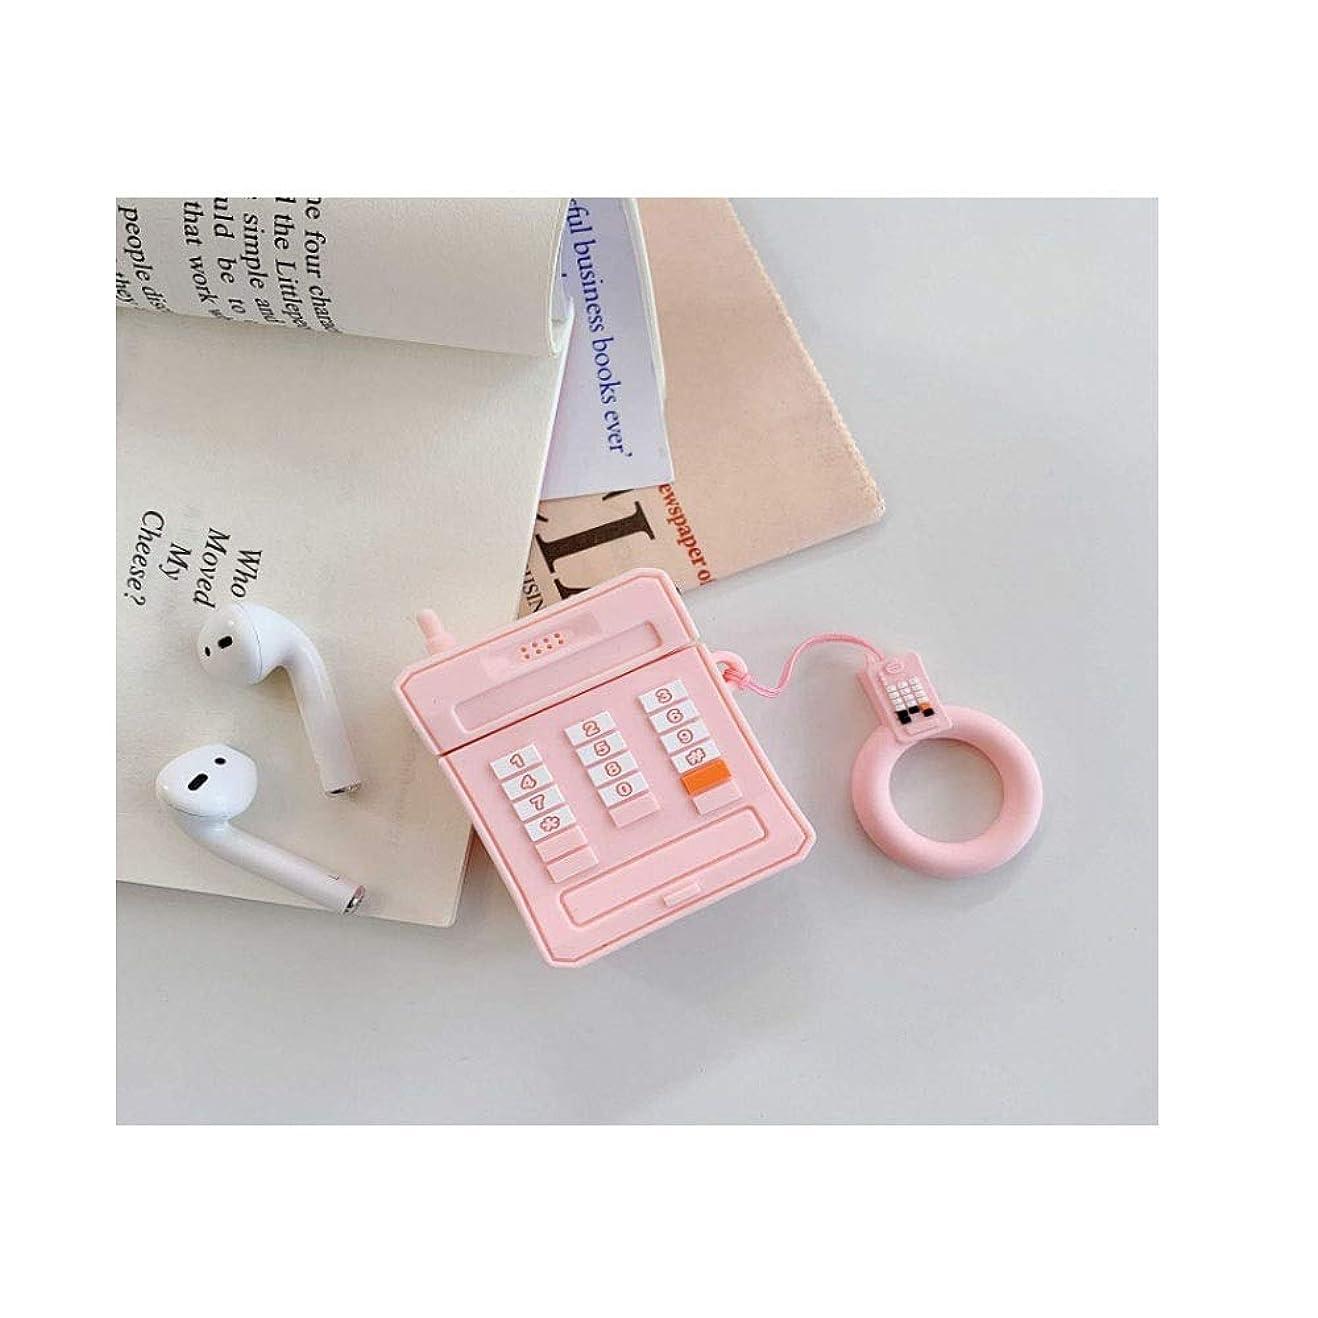 リンク炭素平日Gaoxingbianlidian001 ヘッドホンセット - AirPodsシリコンケース、ワイヤレスイヤホンセット、安全で環境に優しい素材、絶妙な贈り物(ブラック、ピンク) 快適な (Color : Pink)